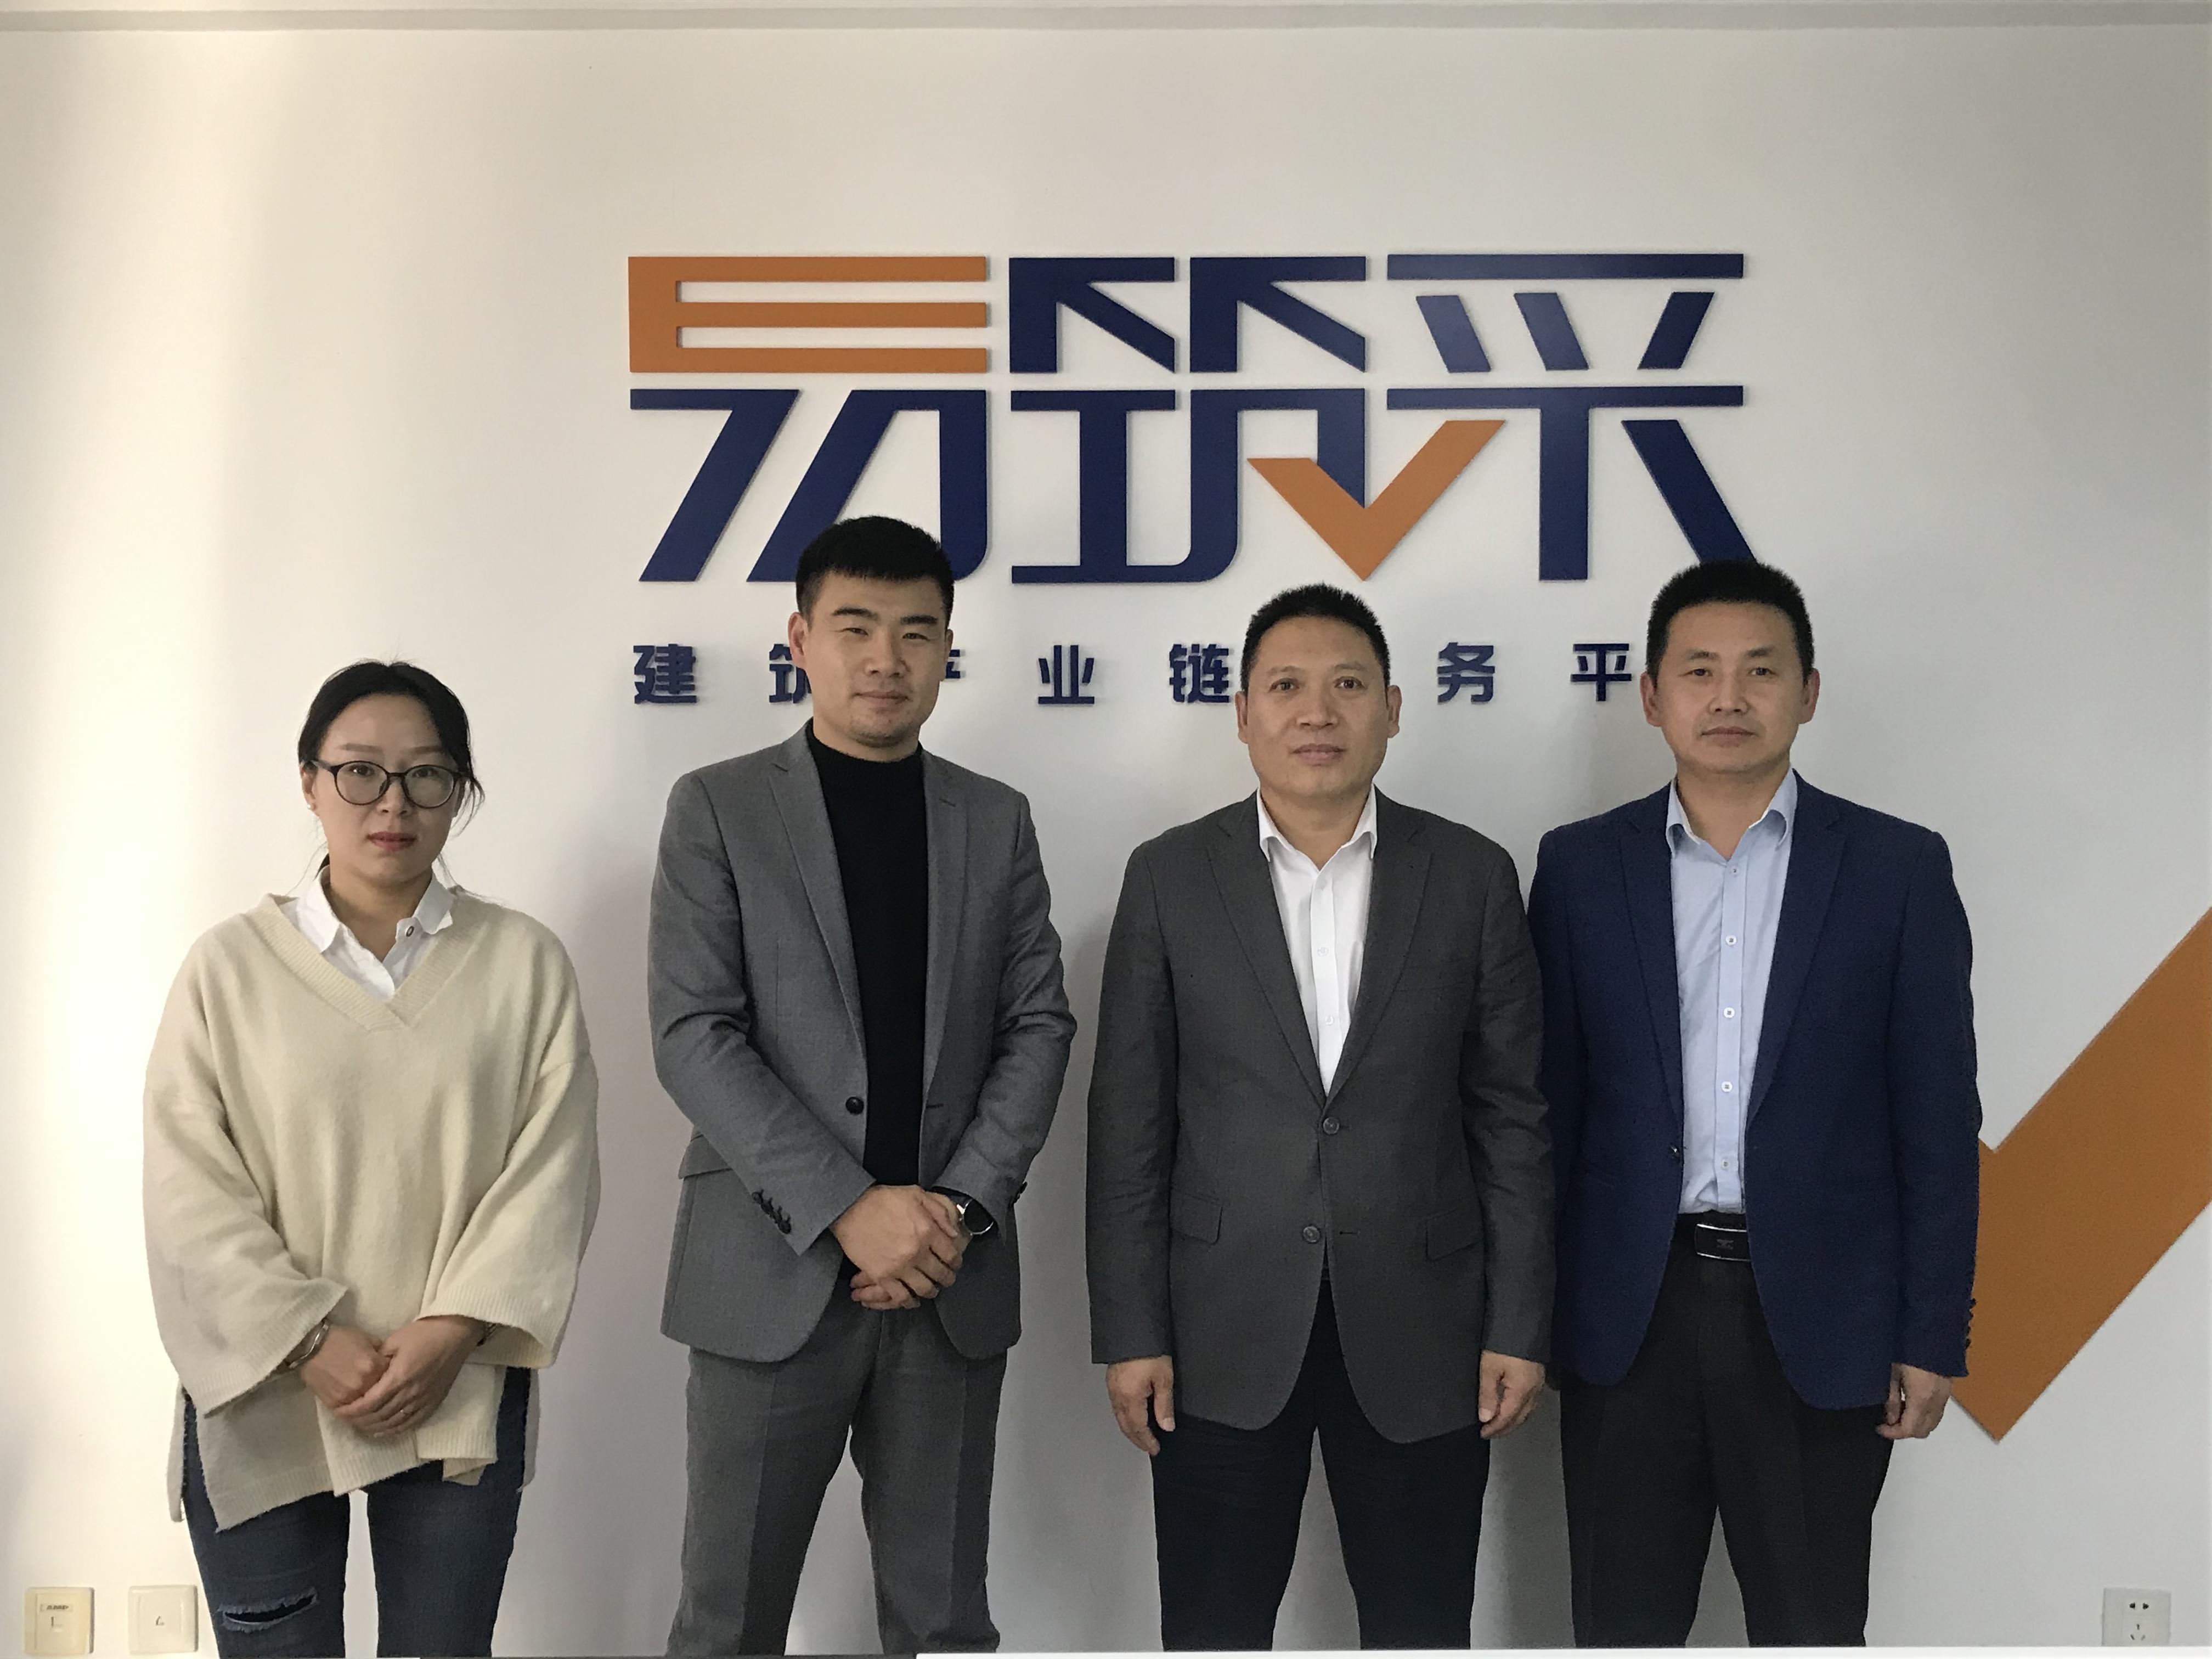 开发共享、融合发展---河南省电工行业协会走进易筑采